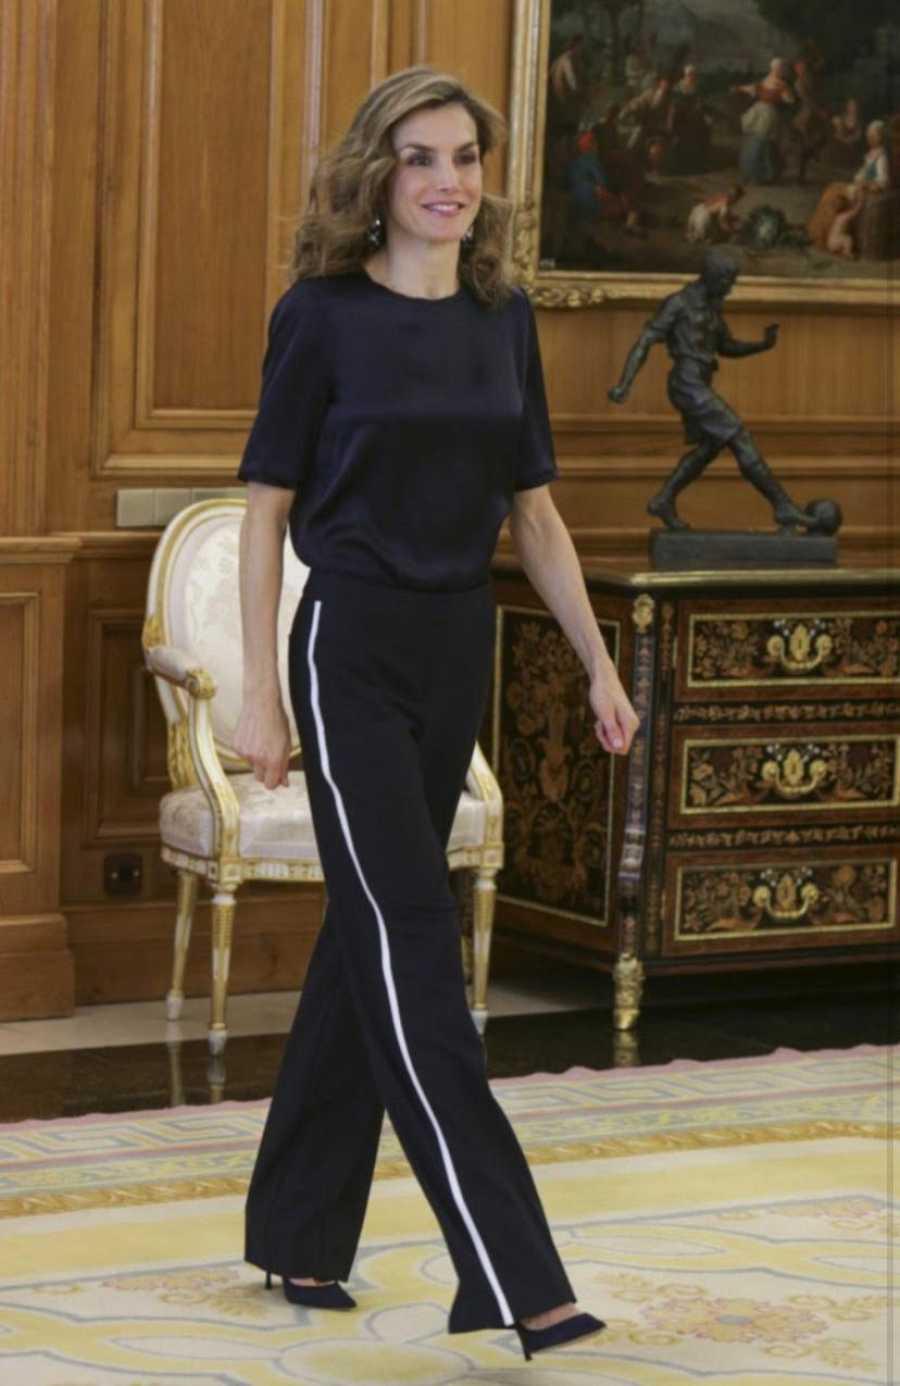 La reina Letizia también apuesta por tacones y pantalones de vestir tipo chándal